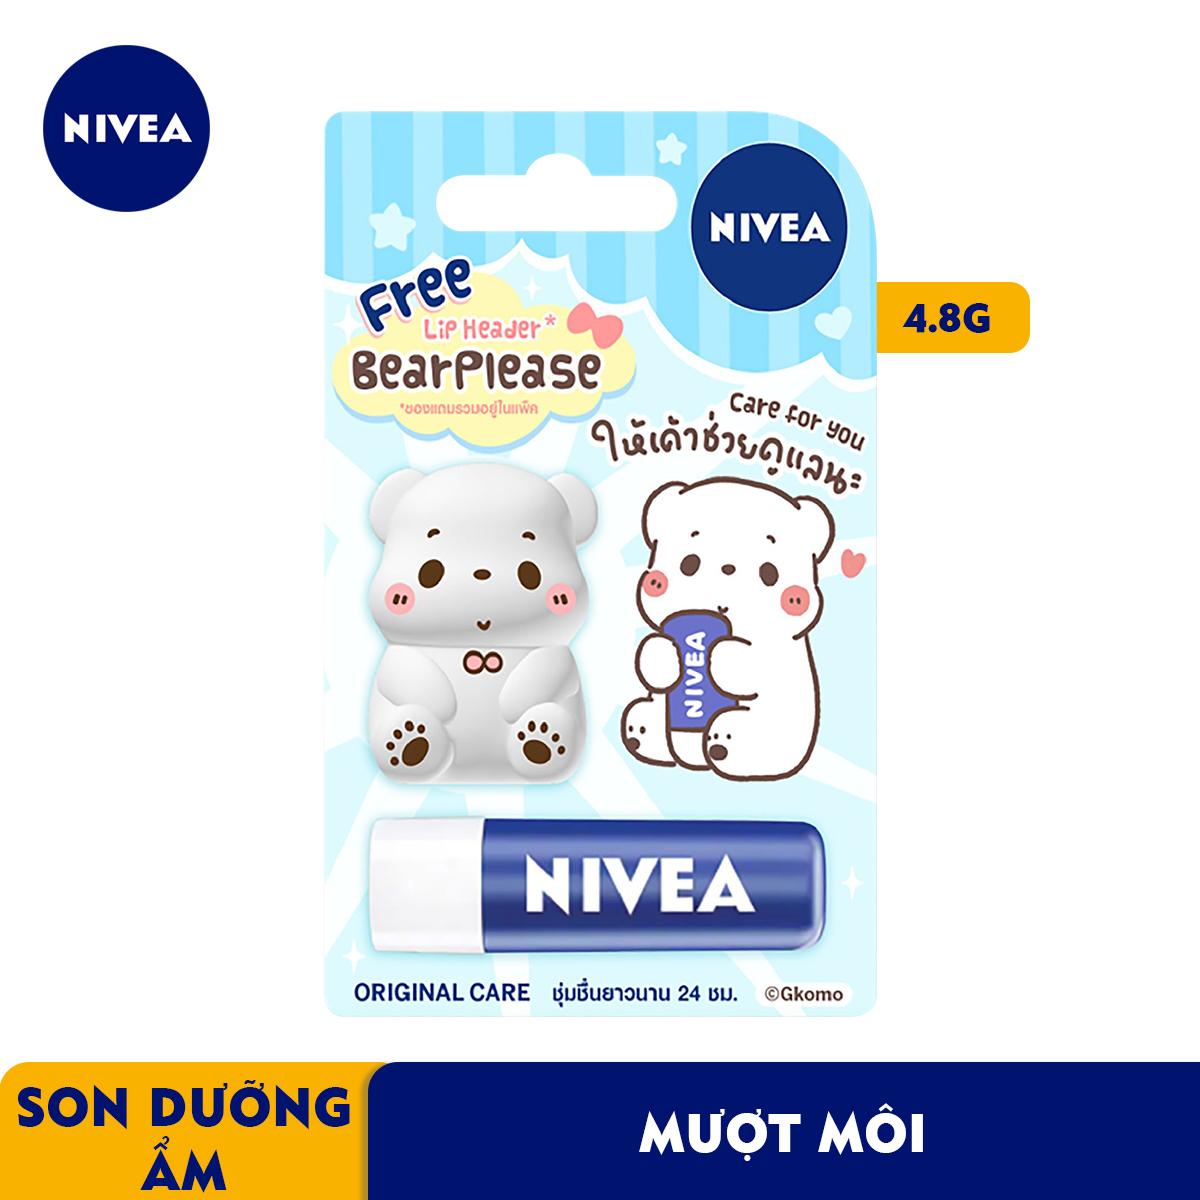 Son Dưỡng Môi Chuyên Sâu Nivea Lip Original Care  - Tặng Kèm Ốp Son - 85061